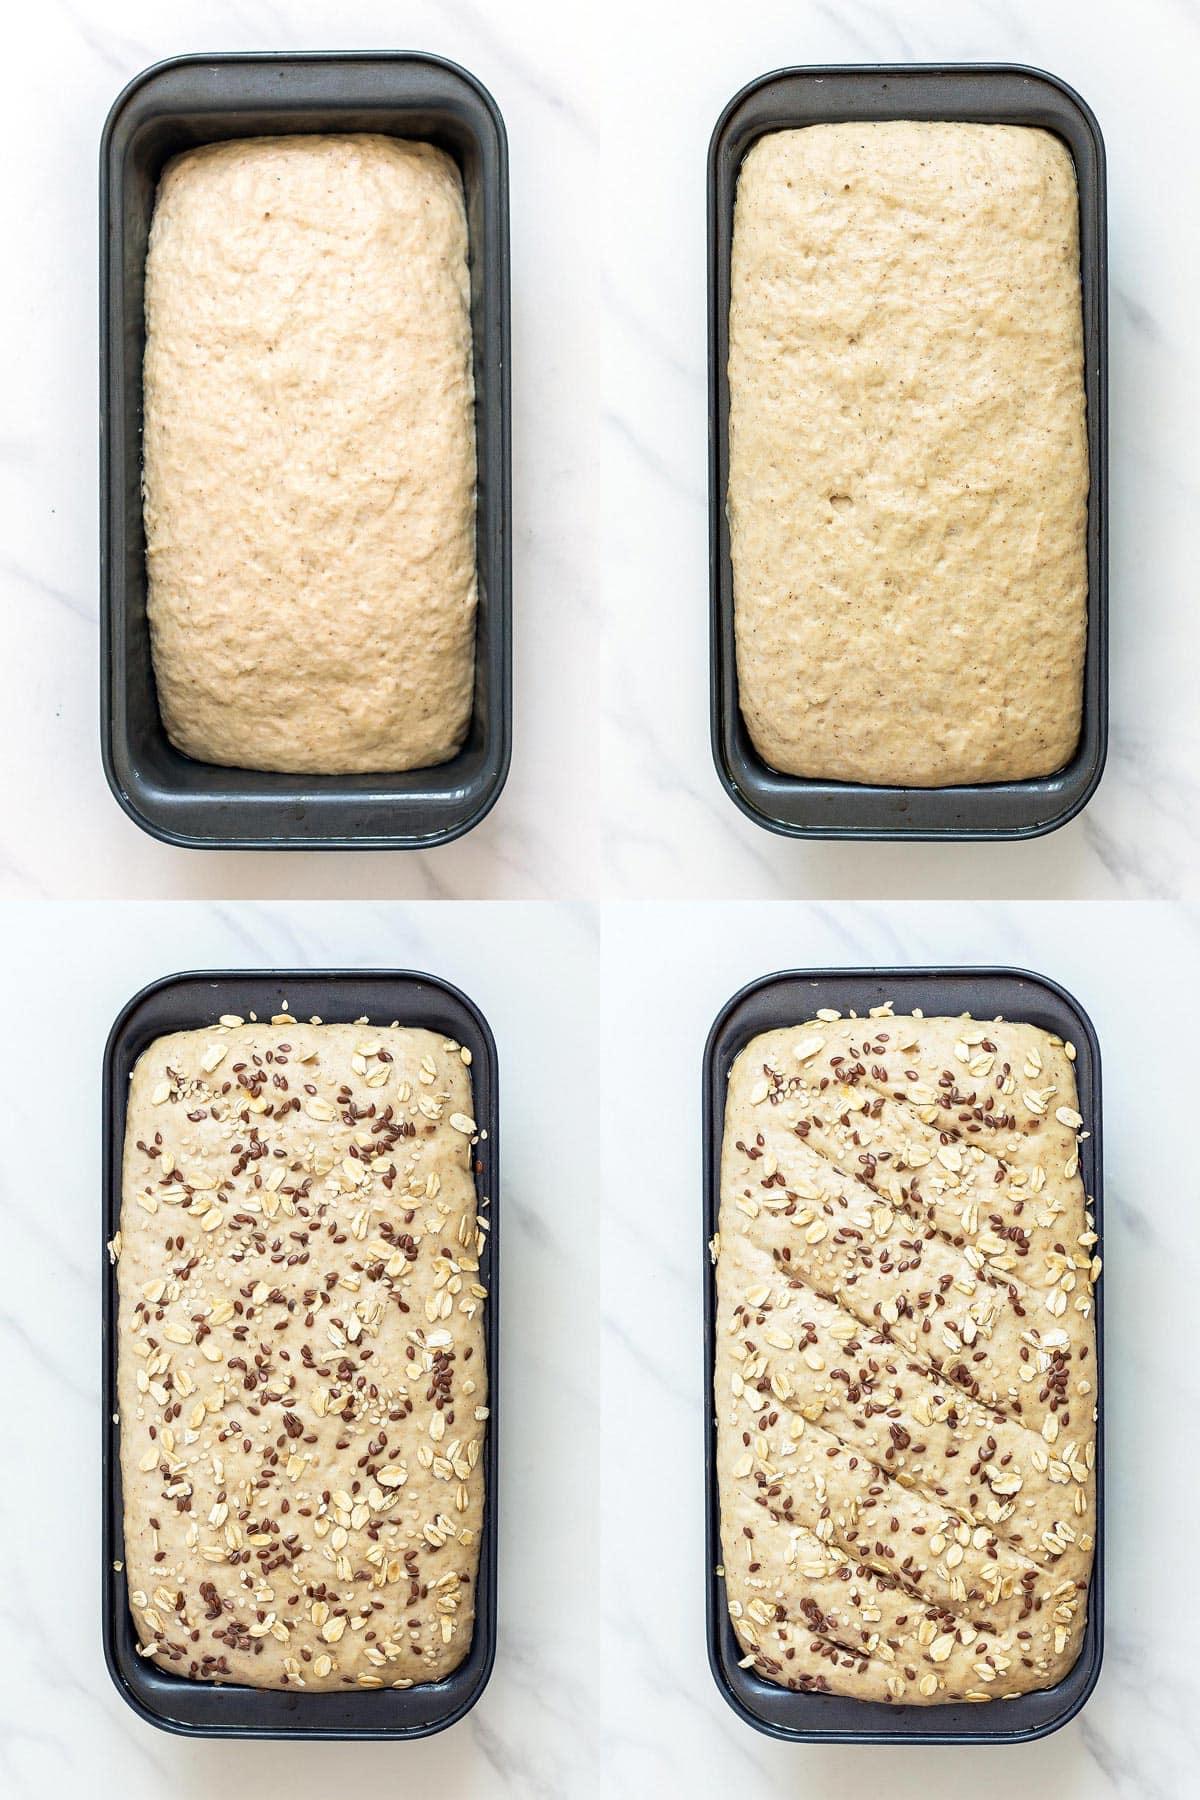 Proofing Sourdough Sandwich Bread before baking